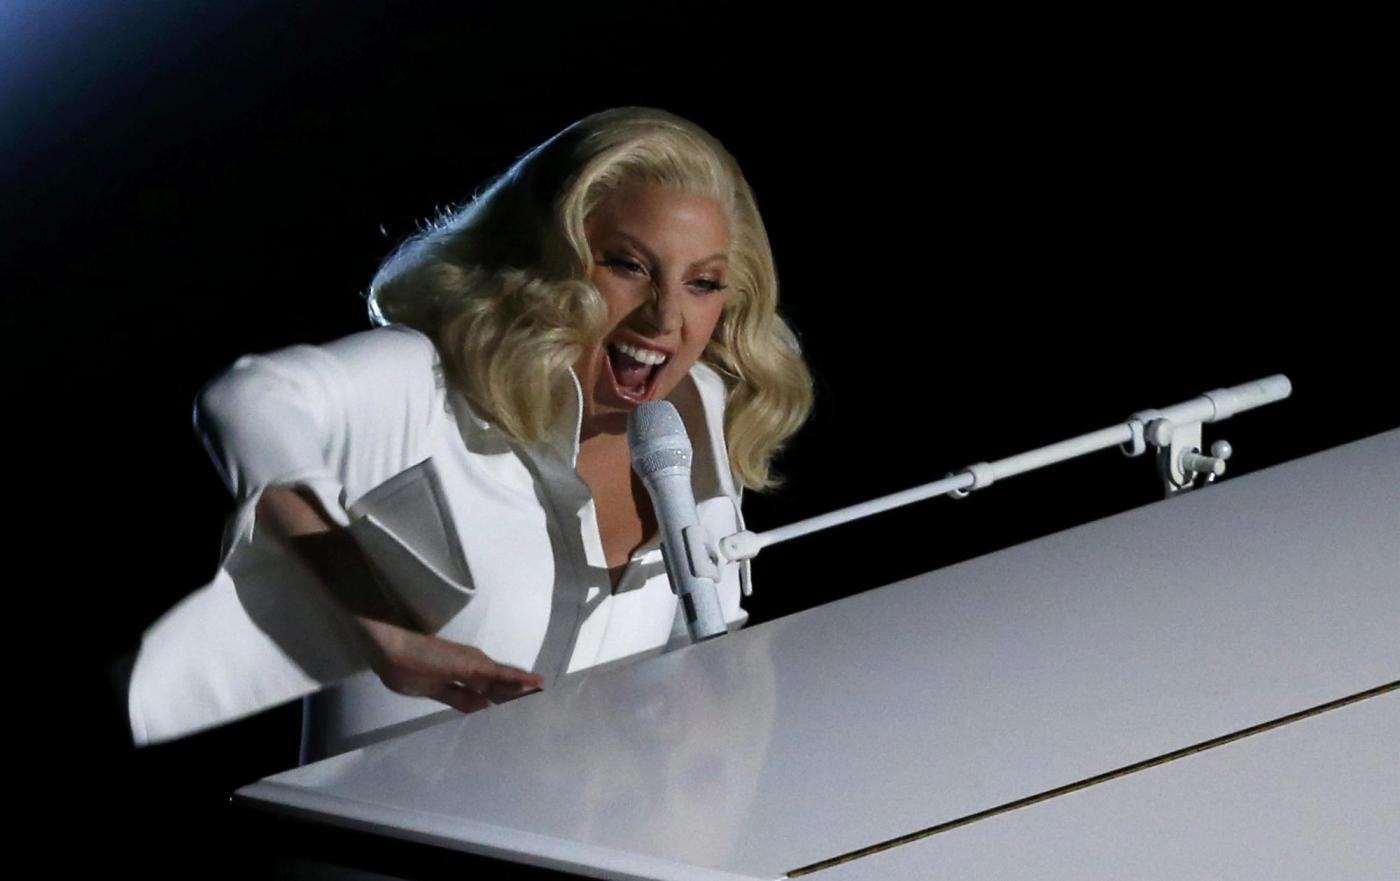 Oscar 2016, Lady Gaga racconta il suo stupro e dedica un brano contro la violenza